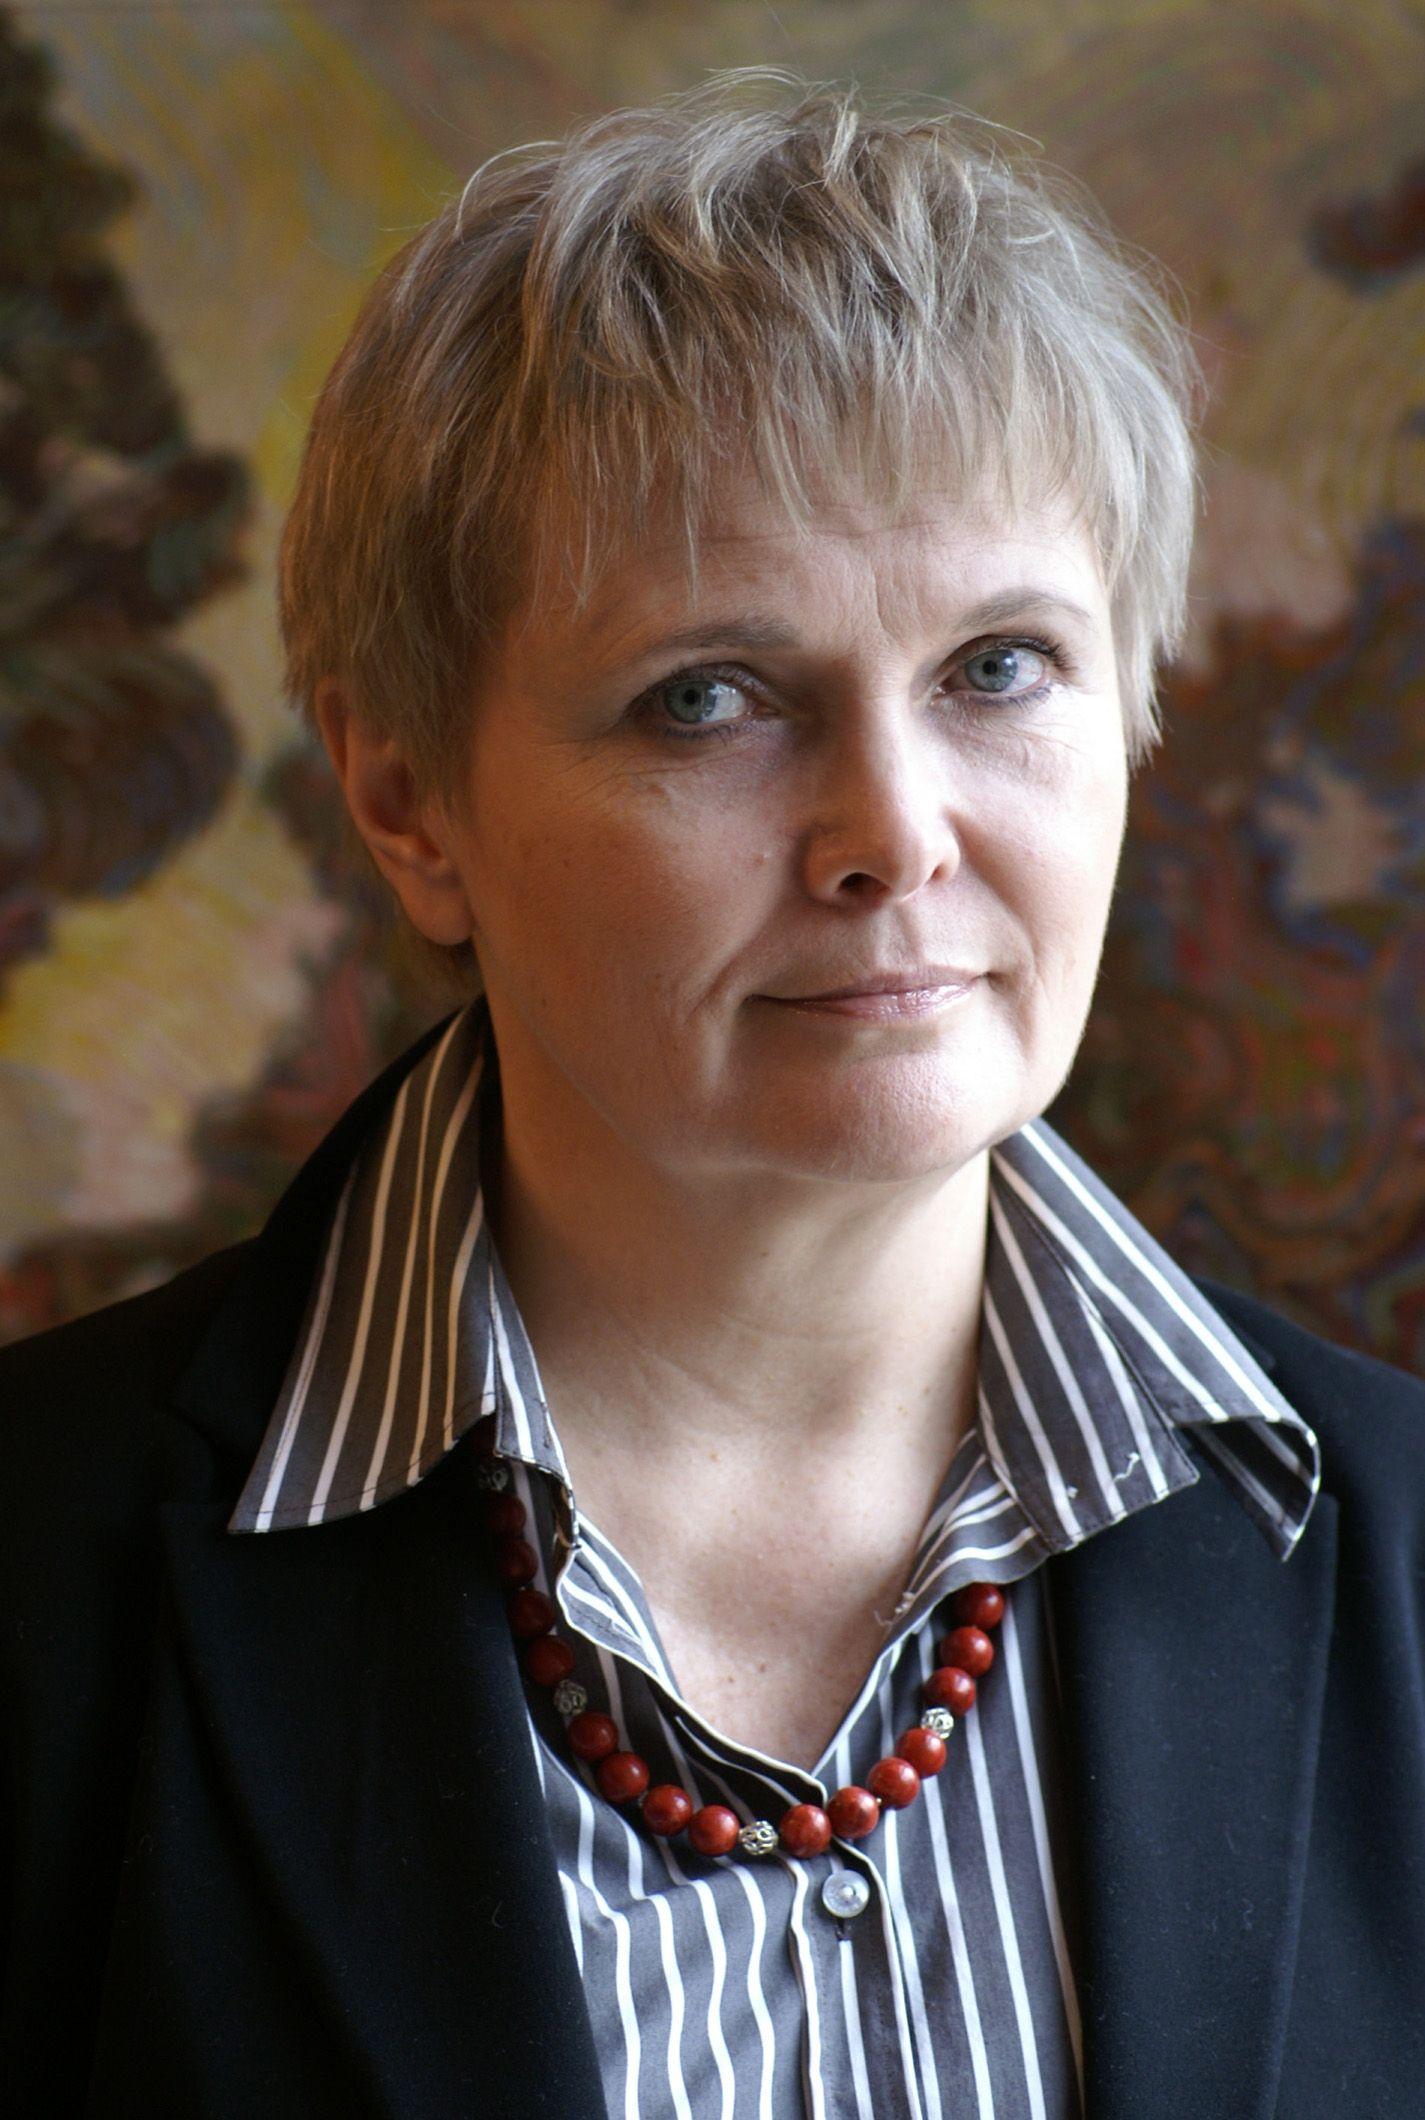 Barbara_Szatur-Jaworska